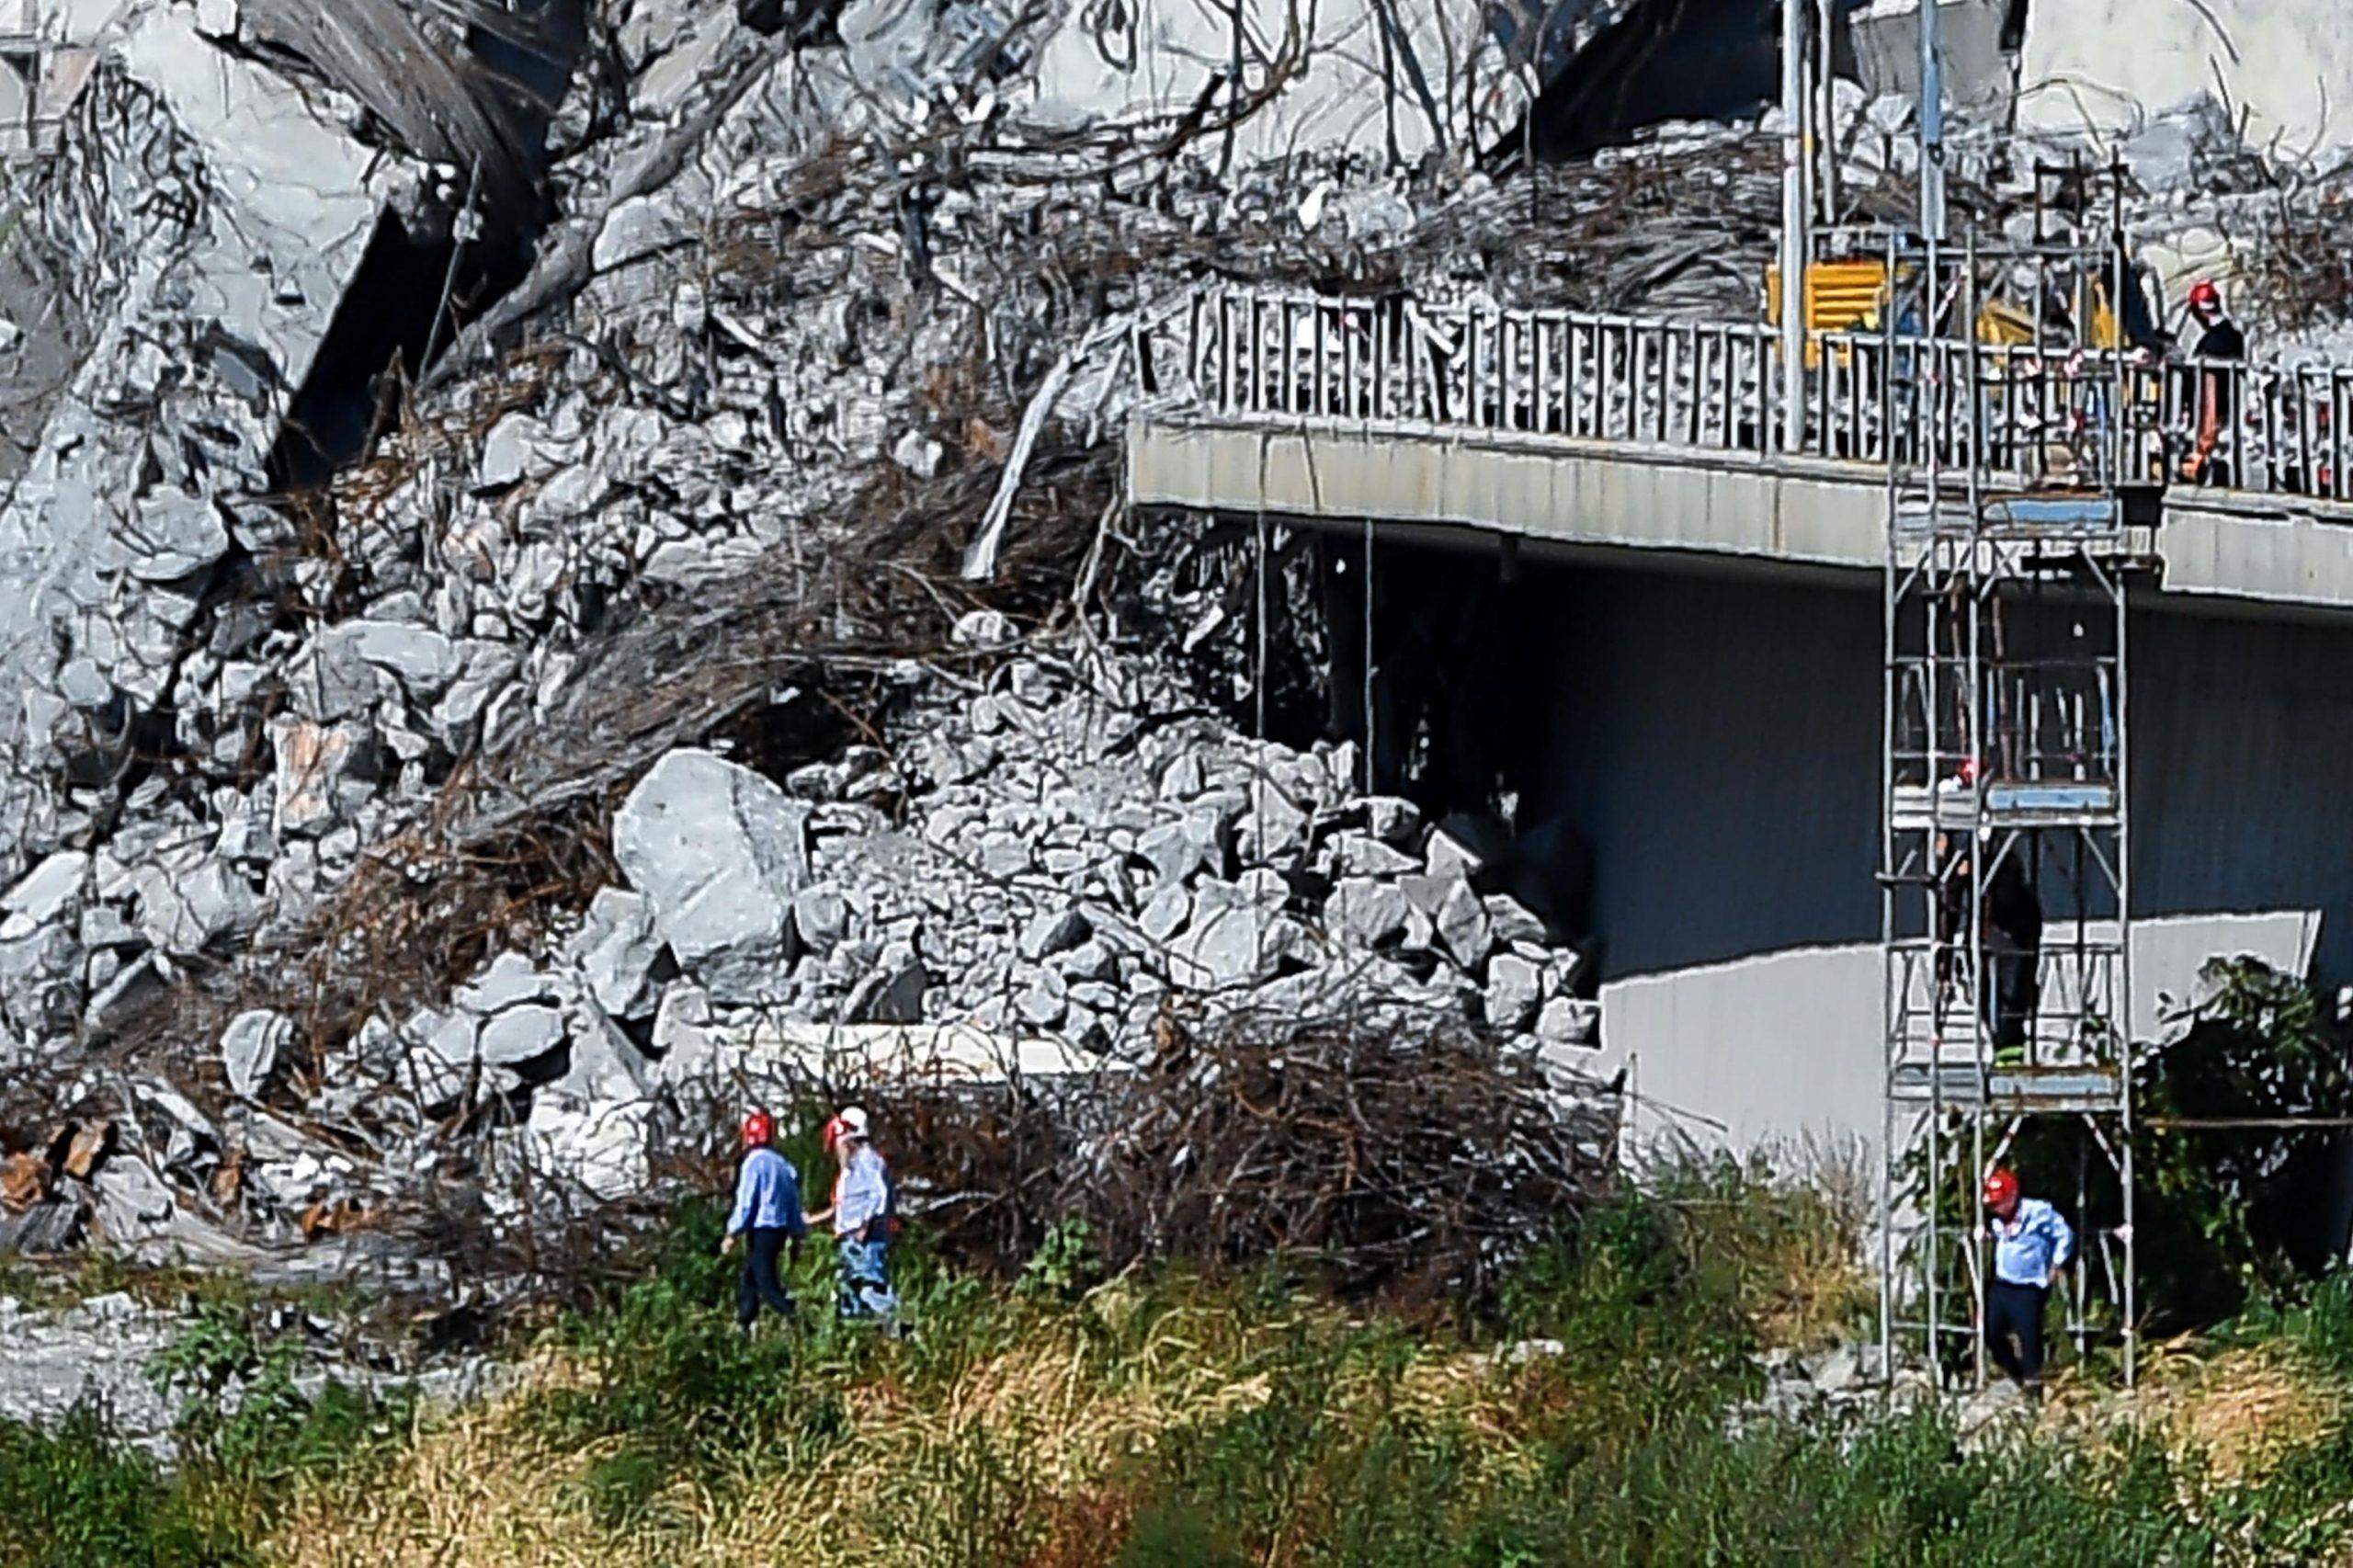 Genova, bambina smette di parlare dopo il crollo del ponte Morandi 'E' colpa del trauma'